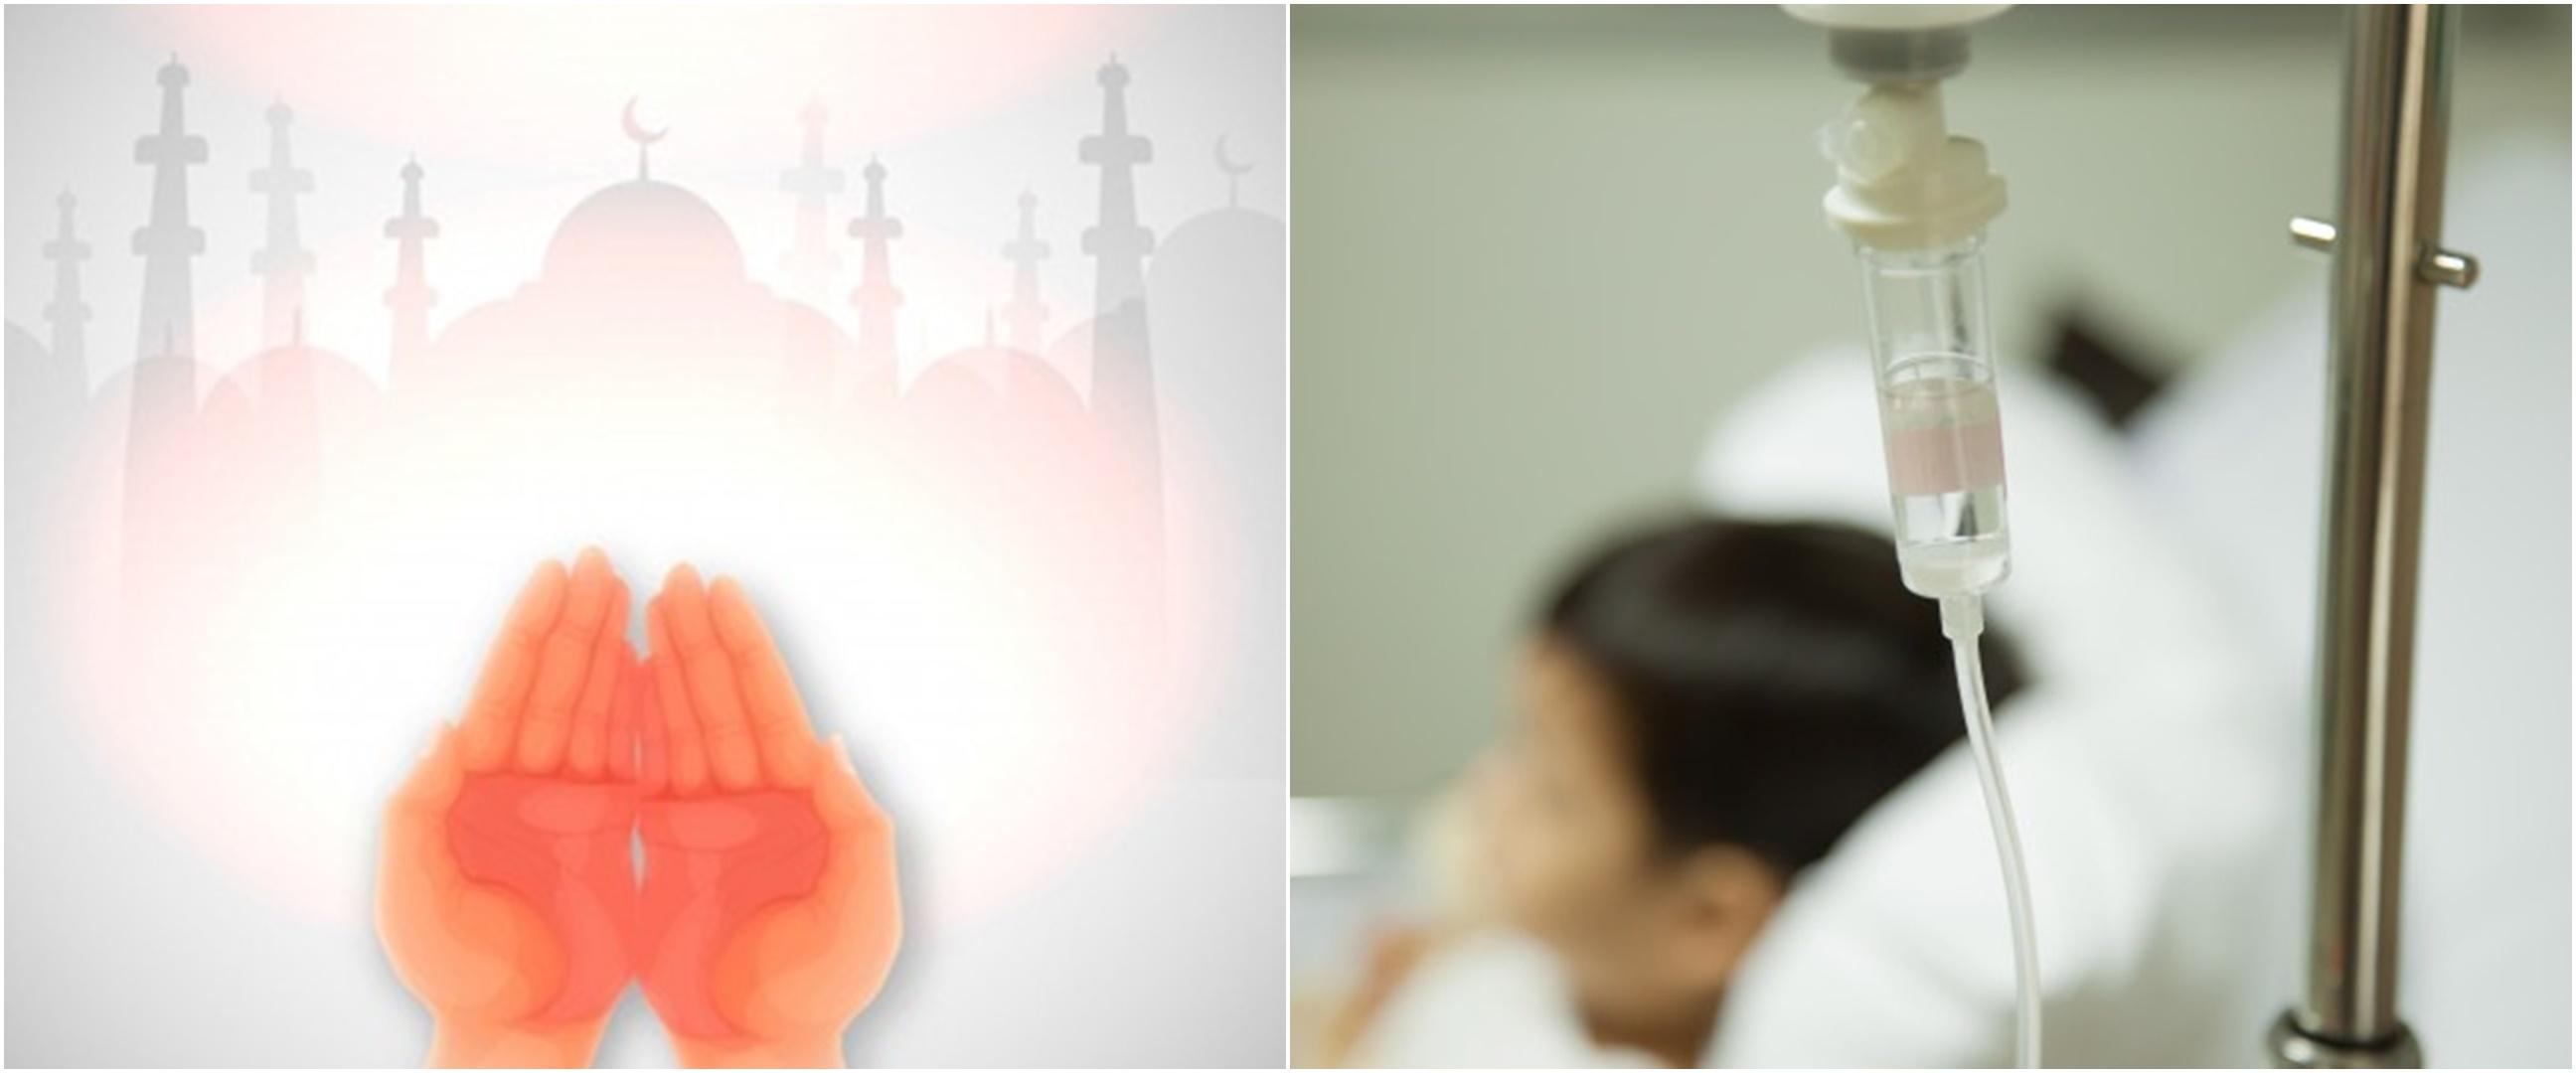 Doa untuk orang sakit dan adab membesuknya sesuai sunah Nabi